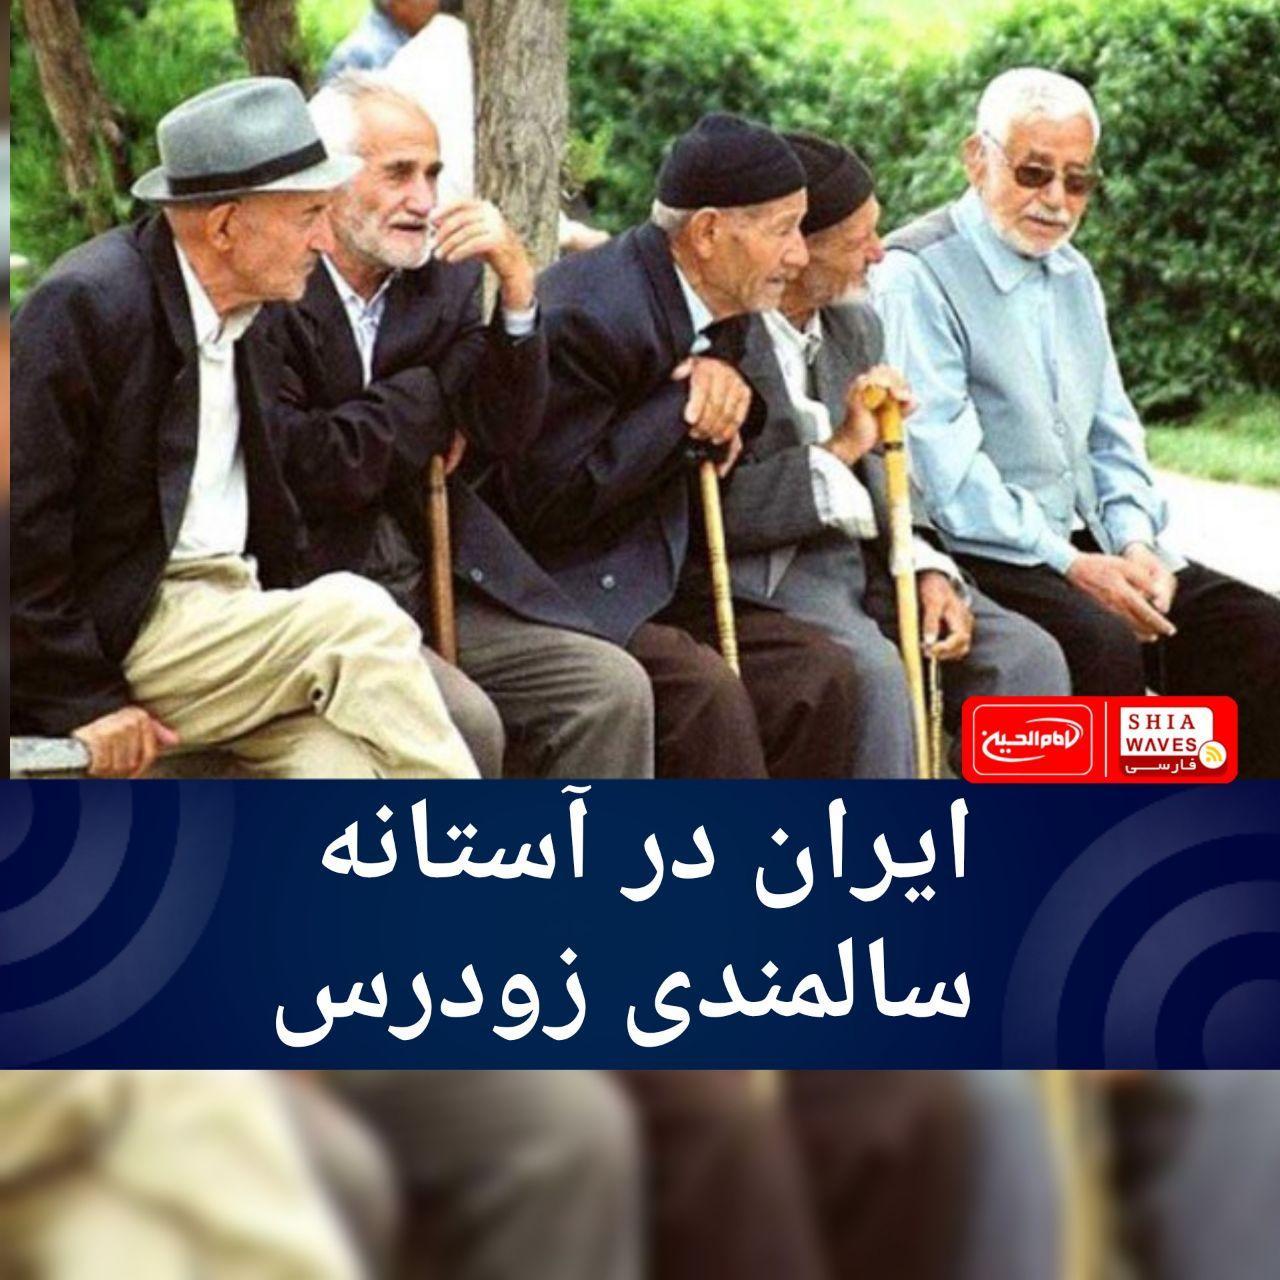 تصویر ایران در آستانه سالمندی زودرس